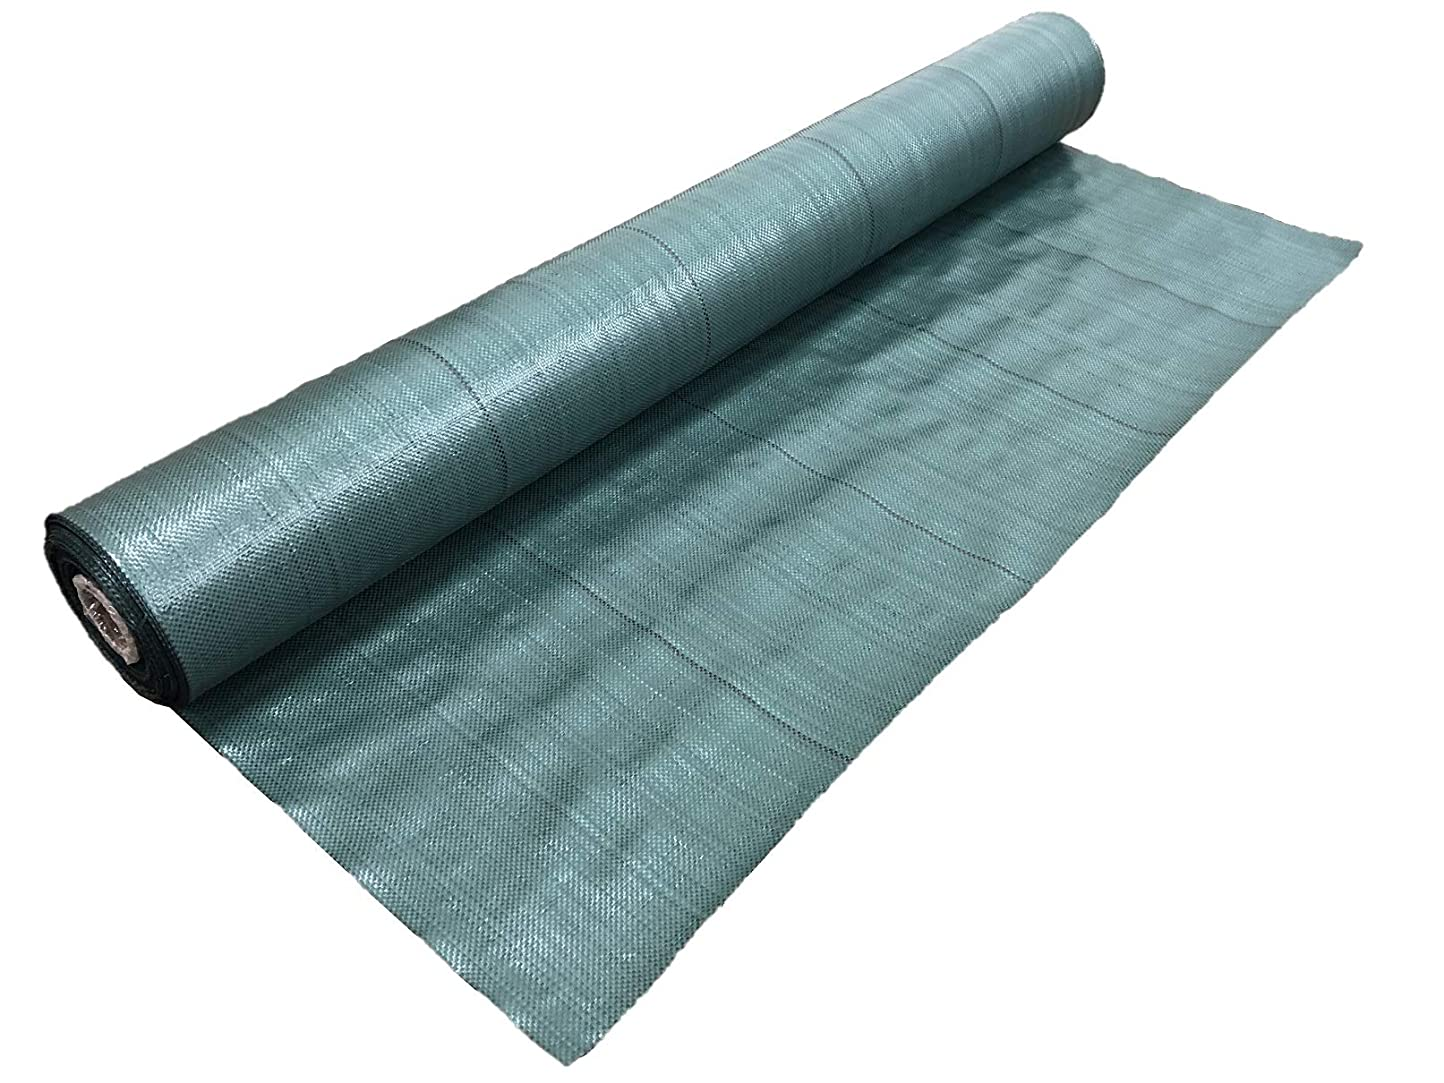 三角形雨のポケット高質防草シート モスグリーン 1m×50m (耐用年数4~5年)厚み0.4mm 厚手 草よけシート UV剤?抗菌剤入り